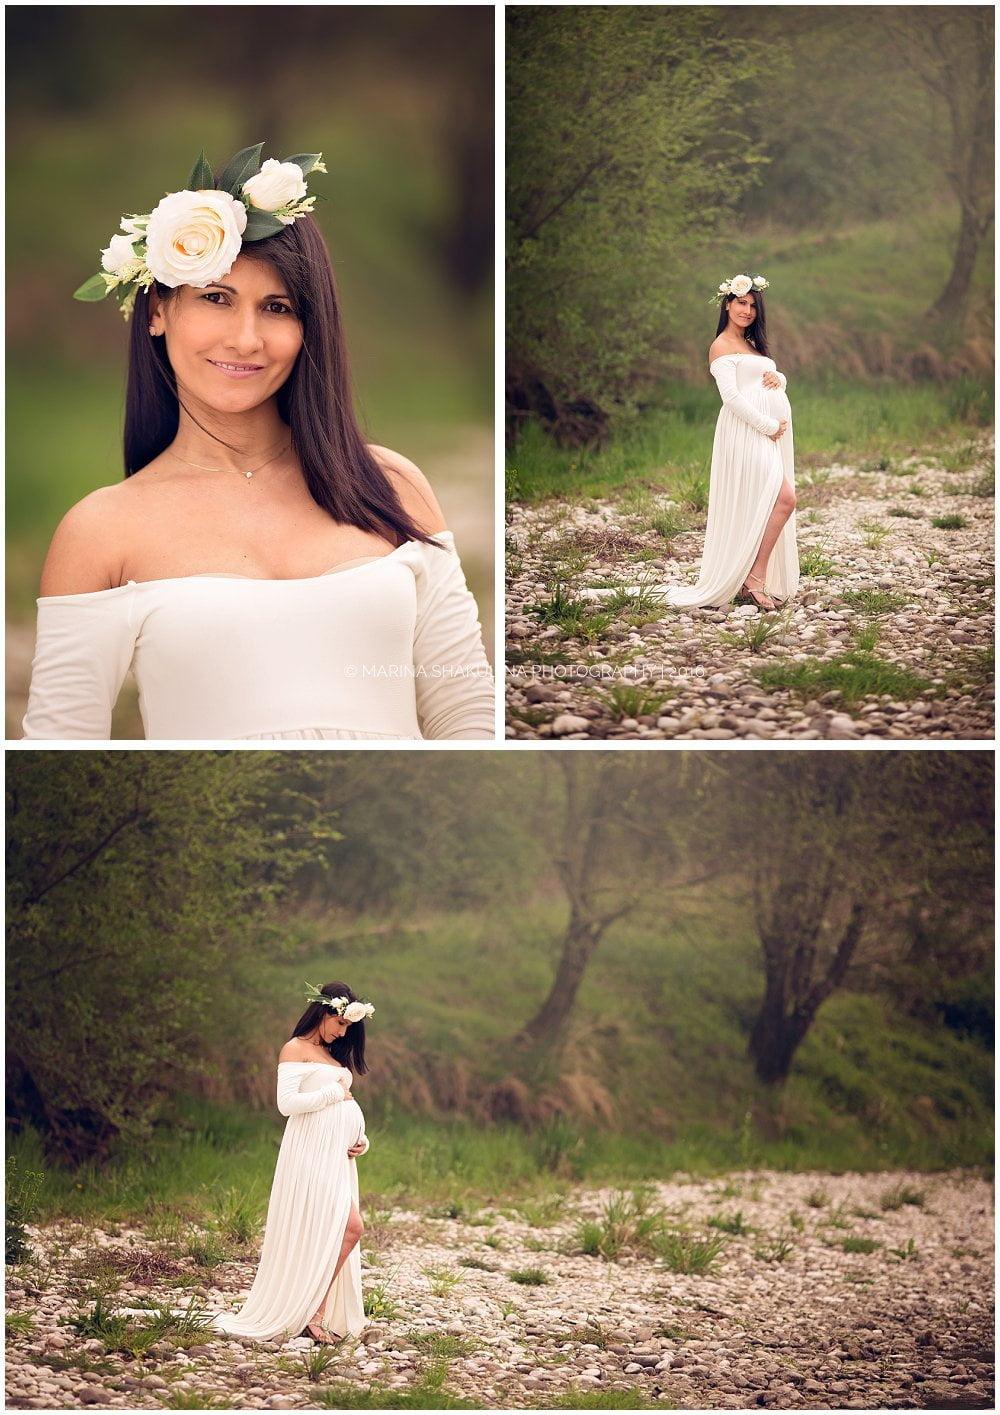 Molto Maria | Servizio fotografico di gravidanza a Verona - Marina  CH76